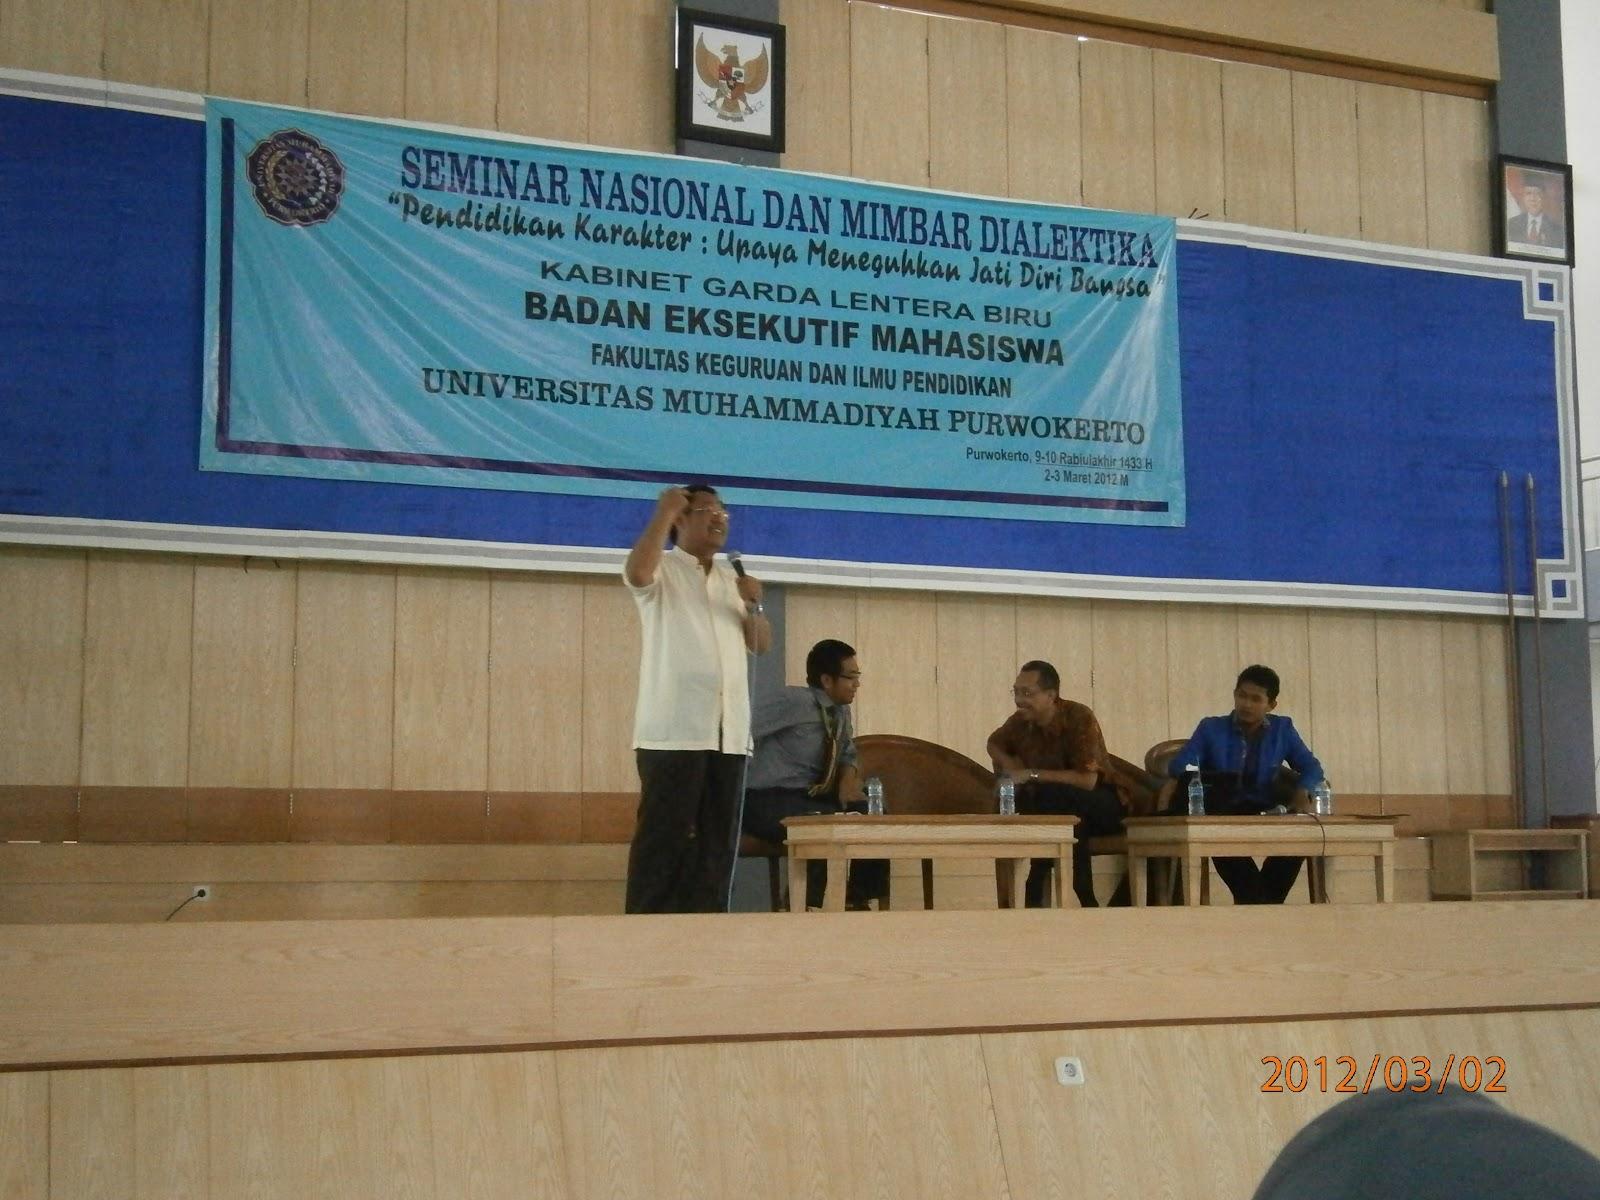 Oleh Dari Um Purwokerto Diary Teacher Keder Umpurwokerto Seminar Nasional